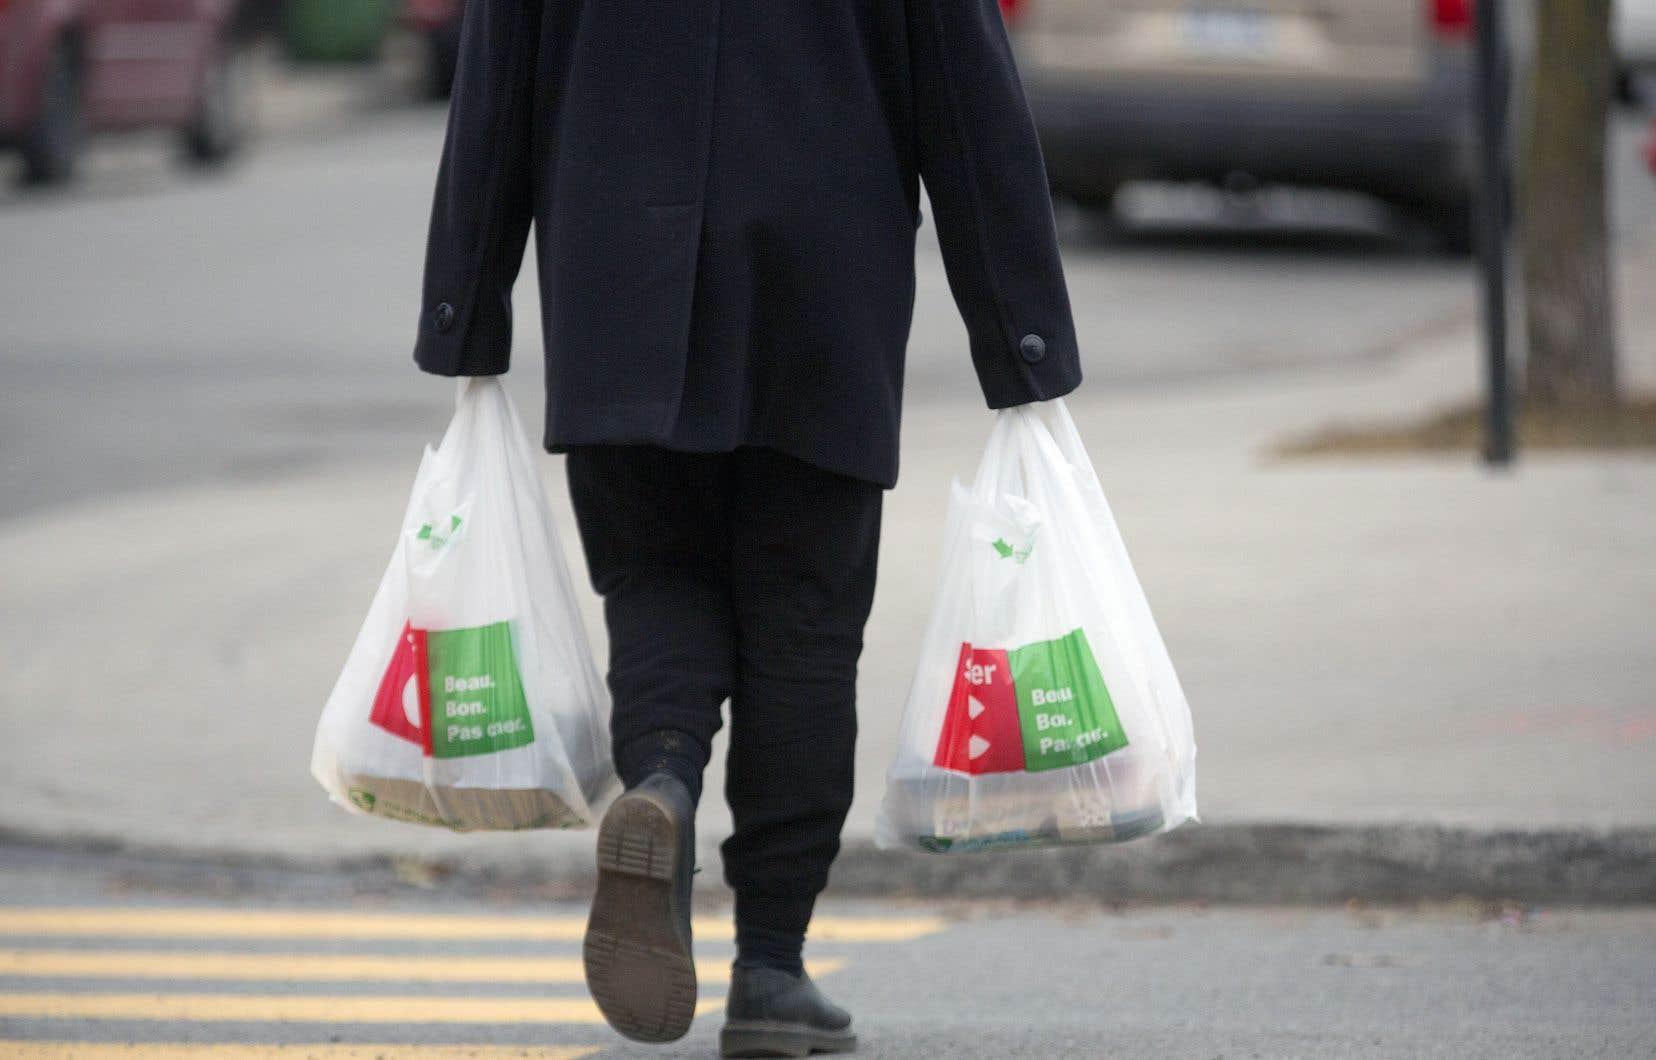 En 2016, 3,3 millions de tonnes de plastique ont été jetées à la poubelle, soit 12 fois plus que le plastique recyclé.